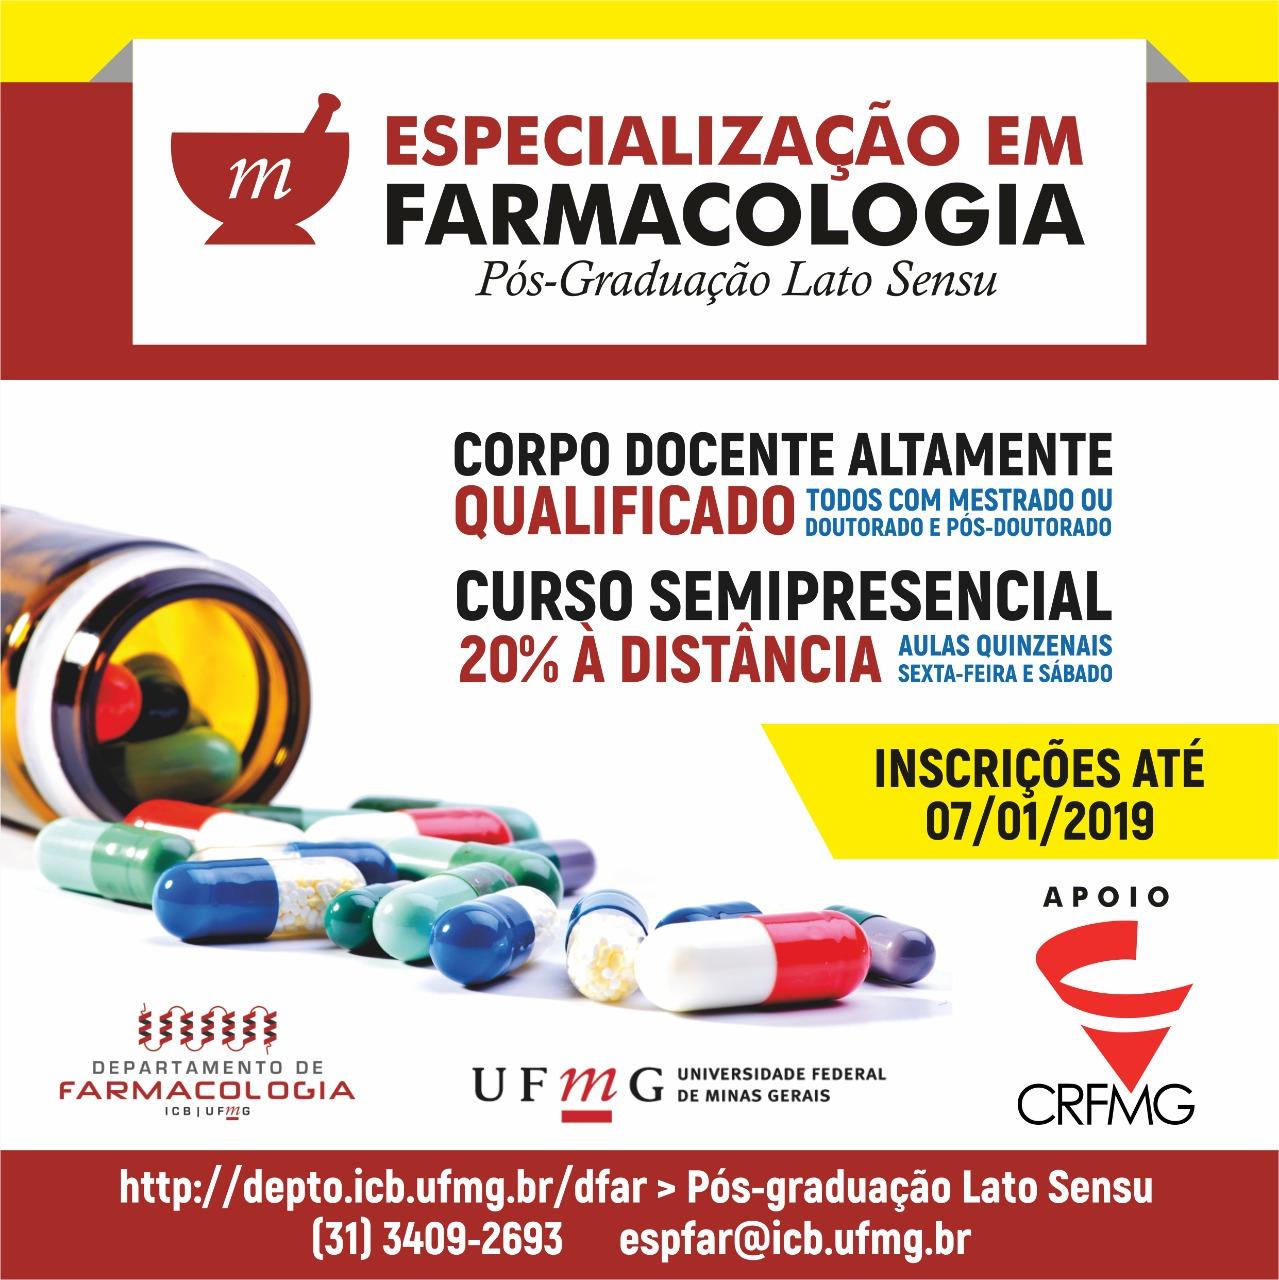 UFMG oferece curso de pós-graduação em farmacologia